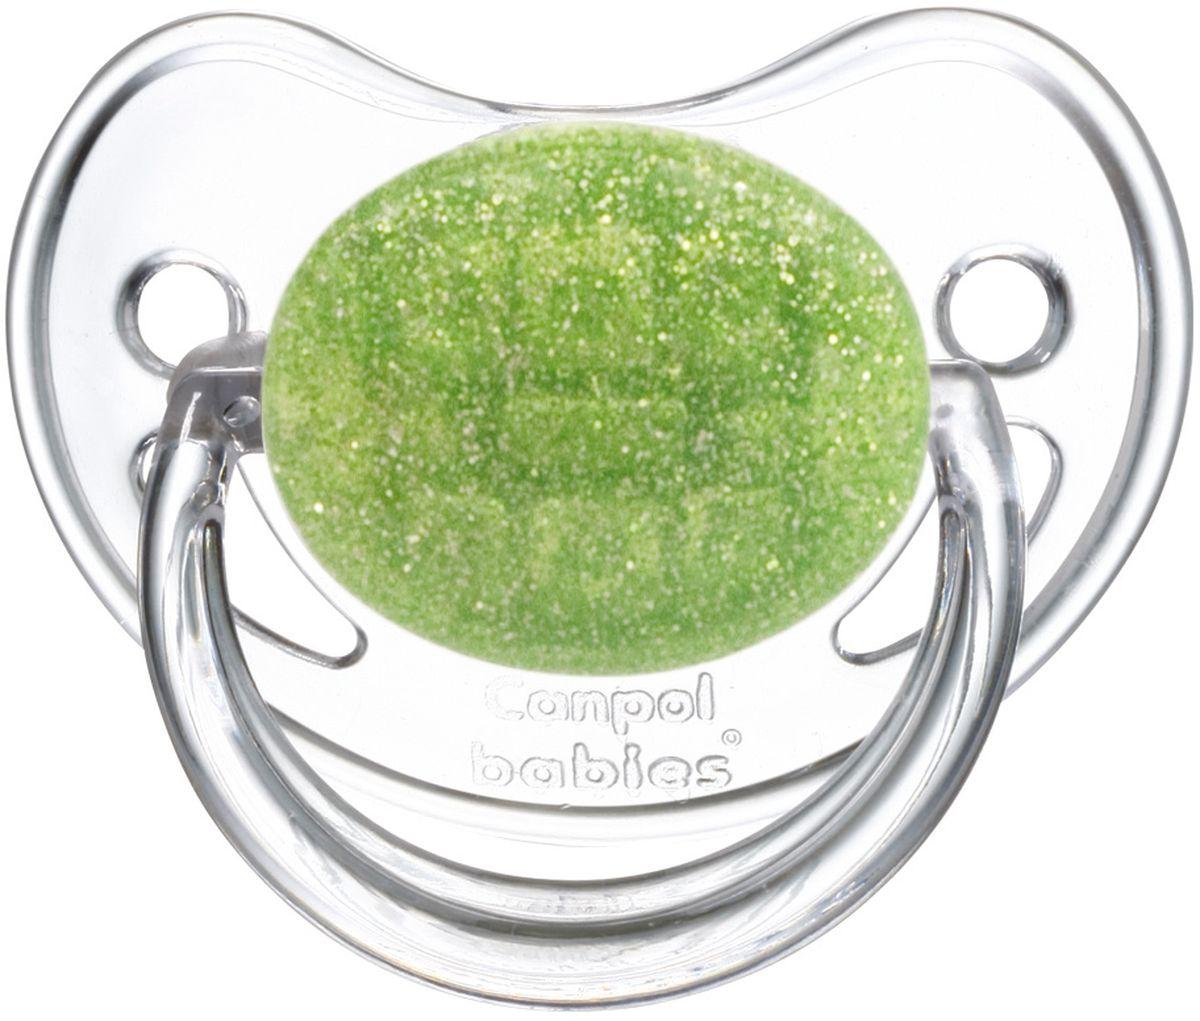 Canpol Babies Пустышка латексная Moonlight от 6 до 18 месяцев цвет зеленый